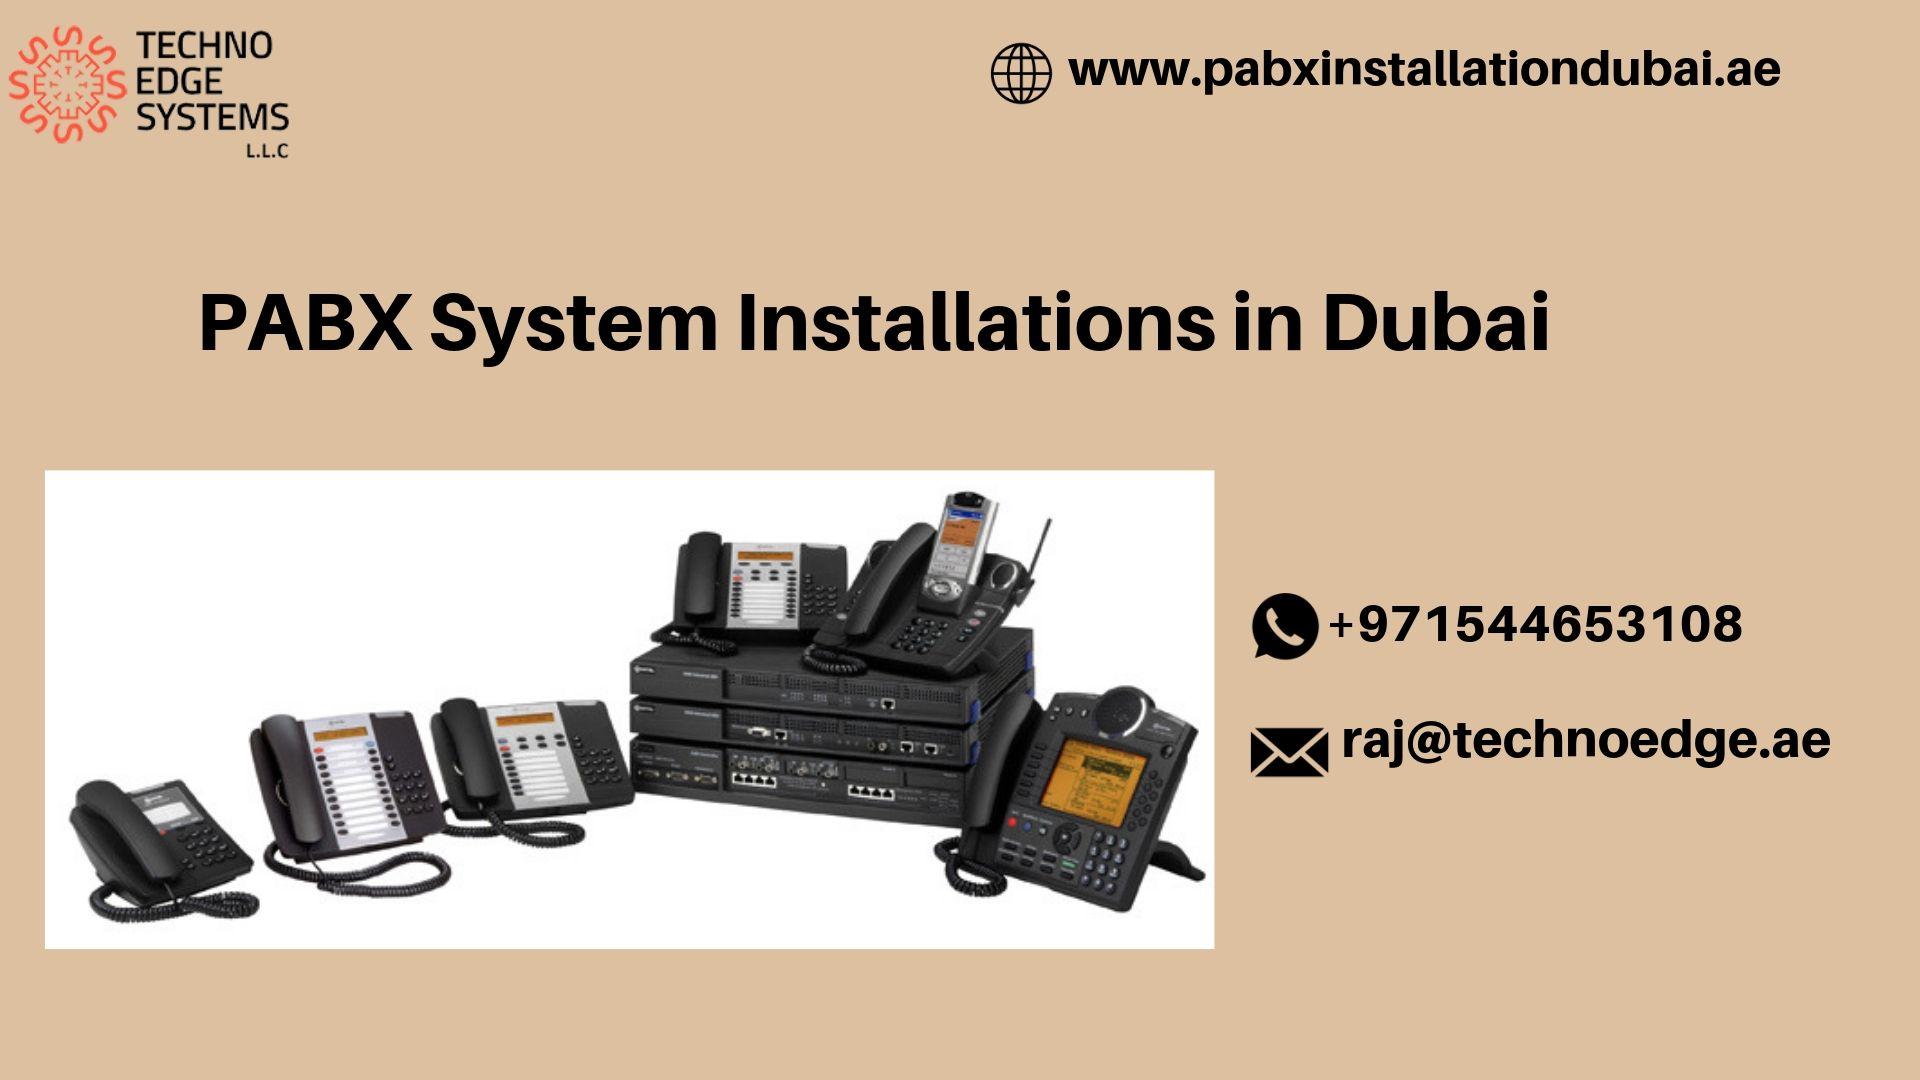 PABX System Installations in Dubai.jpg